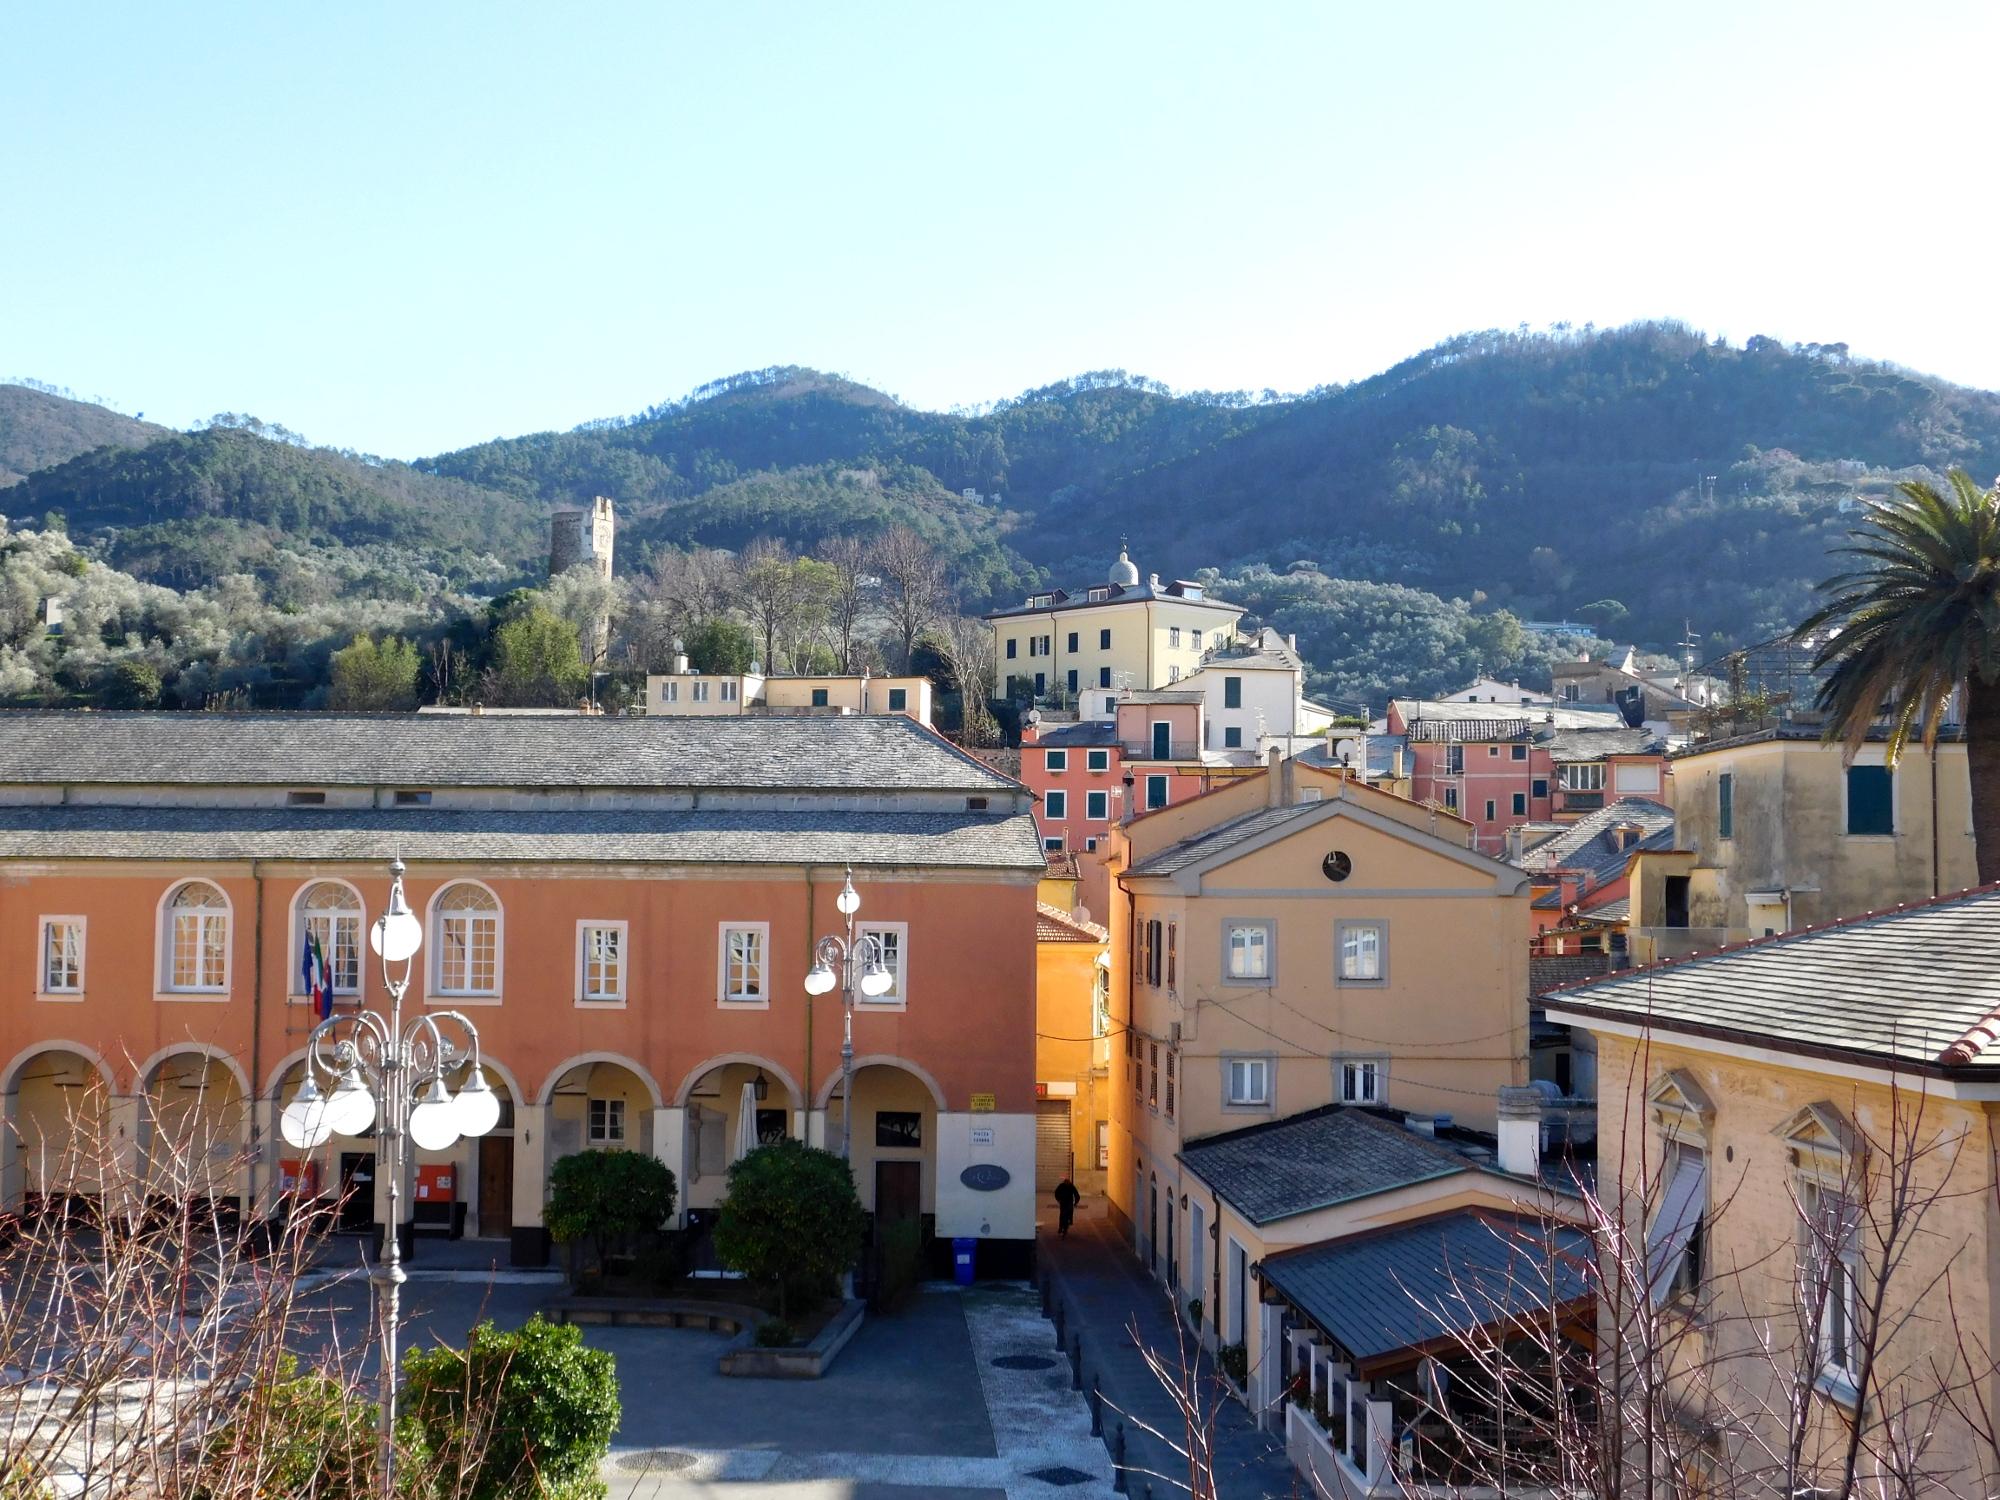 Cod 014 agenzia immobiliare rossella - Agenzia immobiliare levanto ...